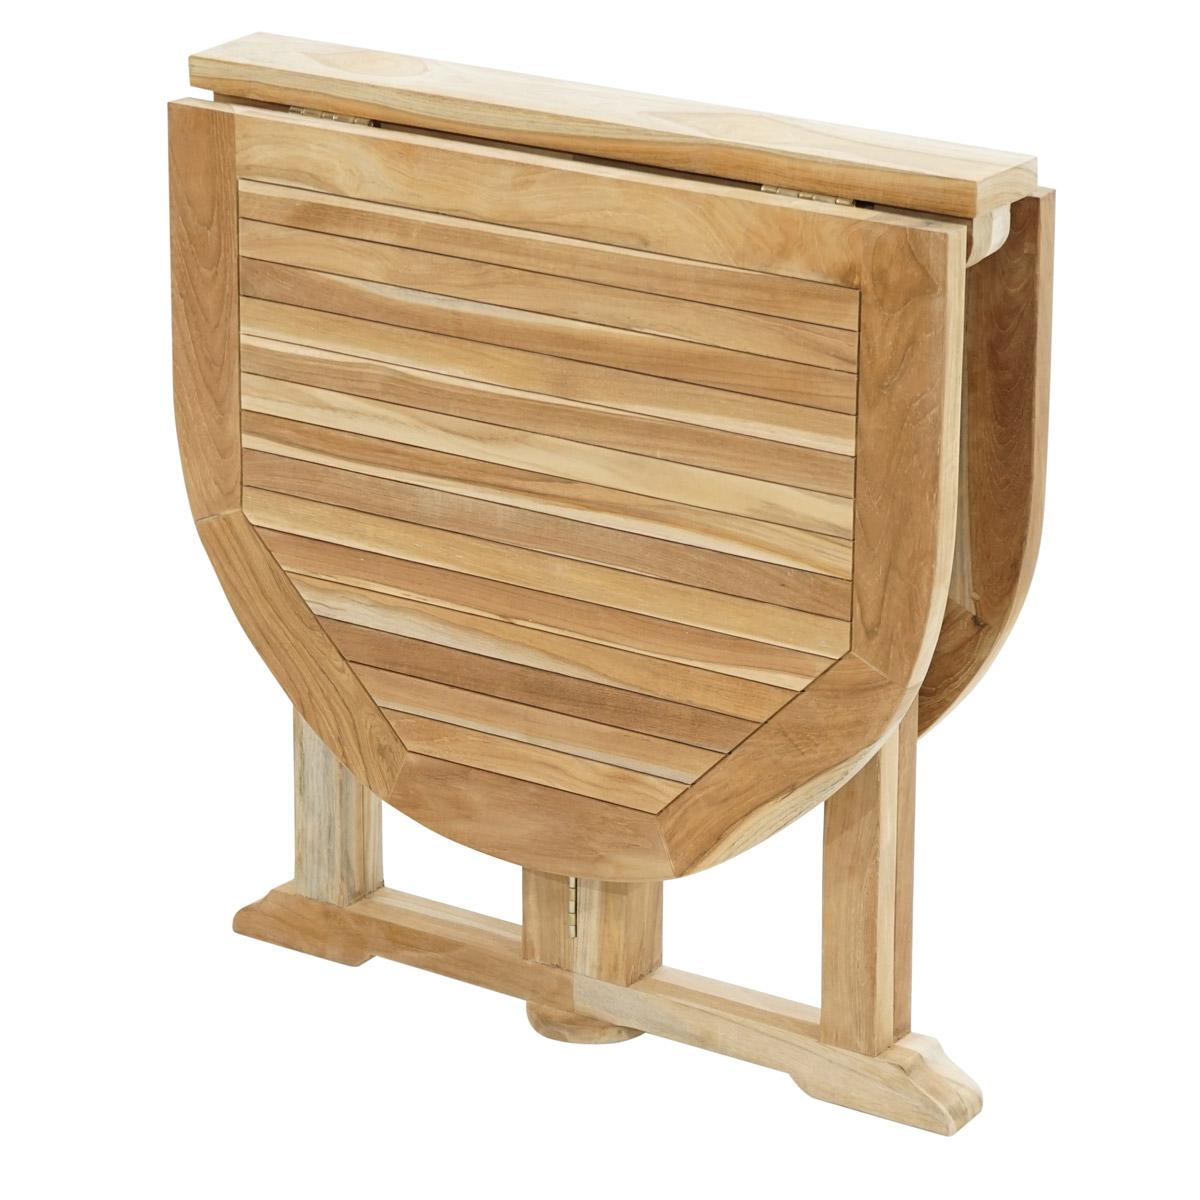 Gartenset Vancouver Milford Tisch 2 Stühle Sale Edofutonde